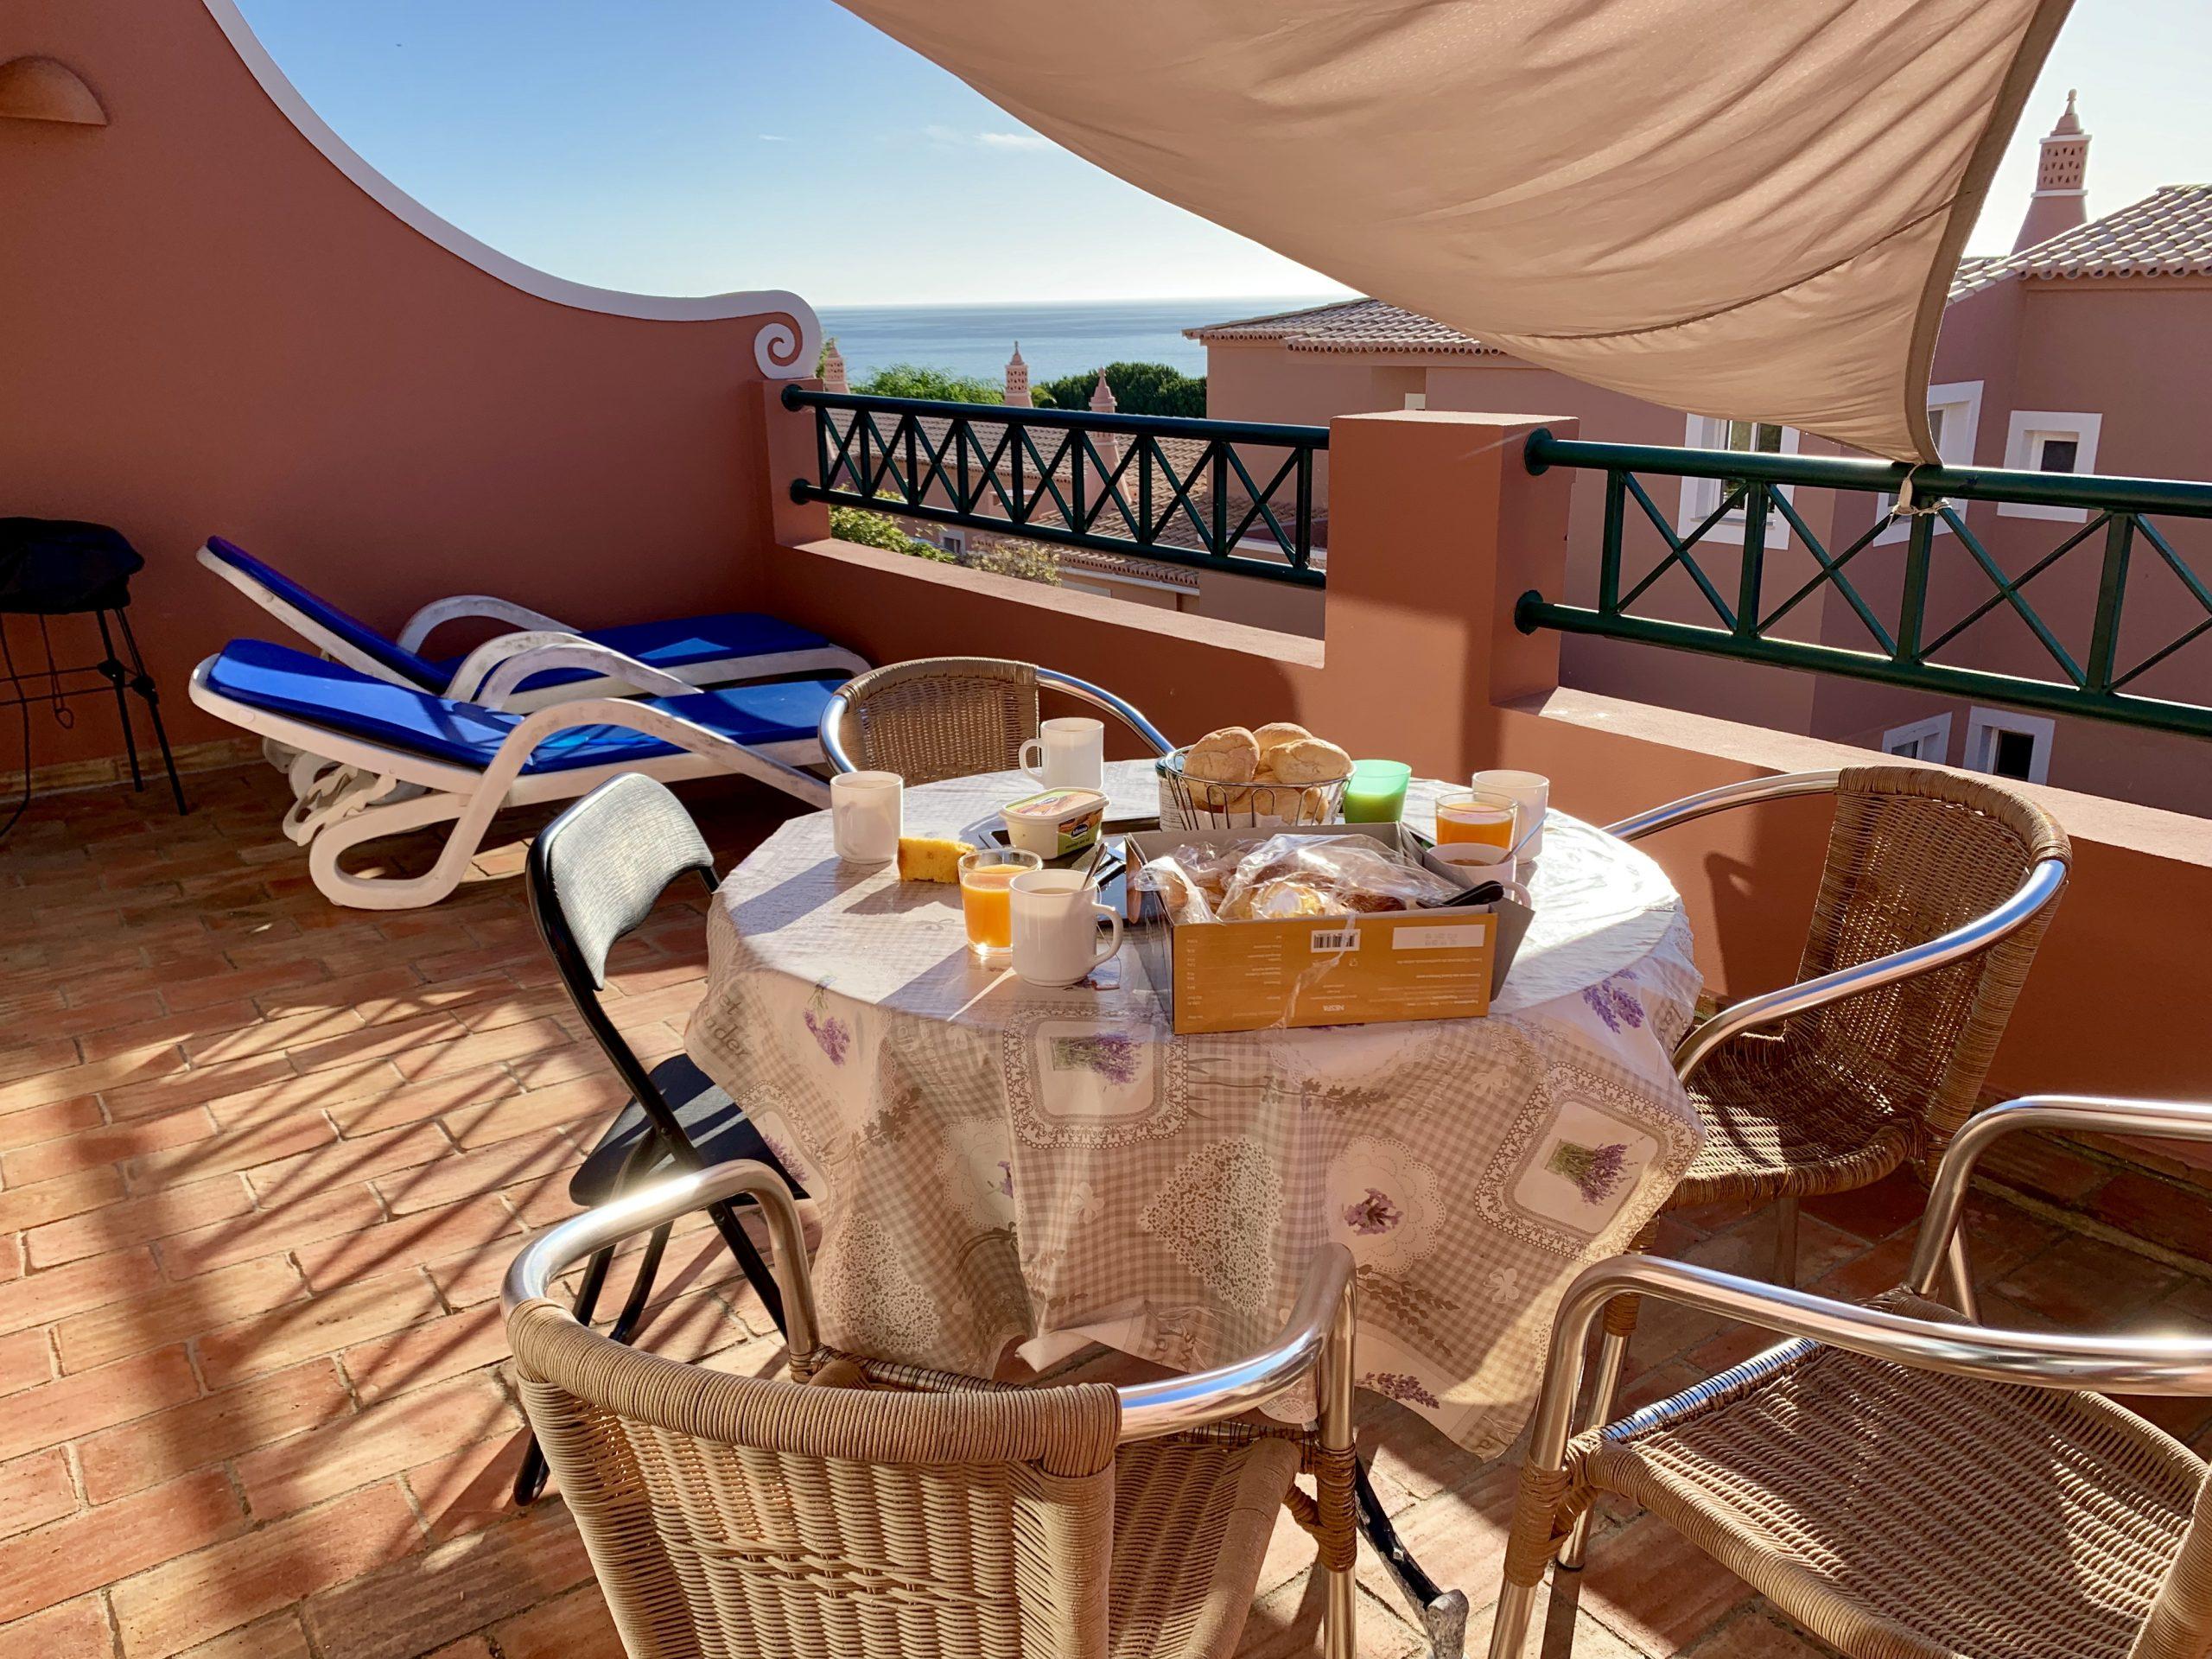 Location appartements et villas de vacance, Maison de vacances praia da Luz face à la mer à Lagos, Portugal Algarve, REF_IMG_2627_17919